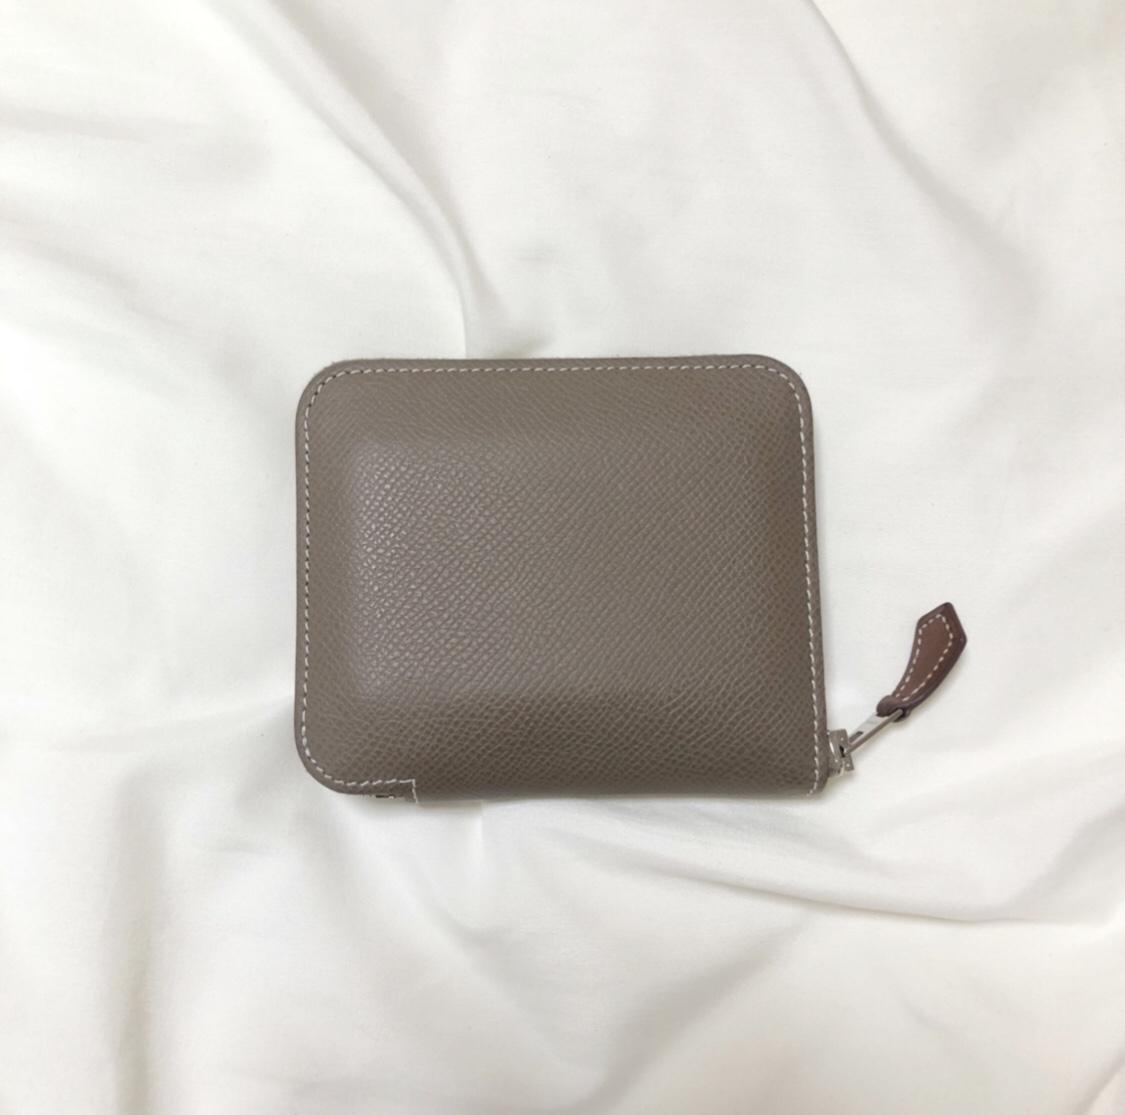 【20代女子の愛用財布】『エルメス』のコンパクト財布が人と被らない♡_2